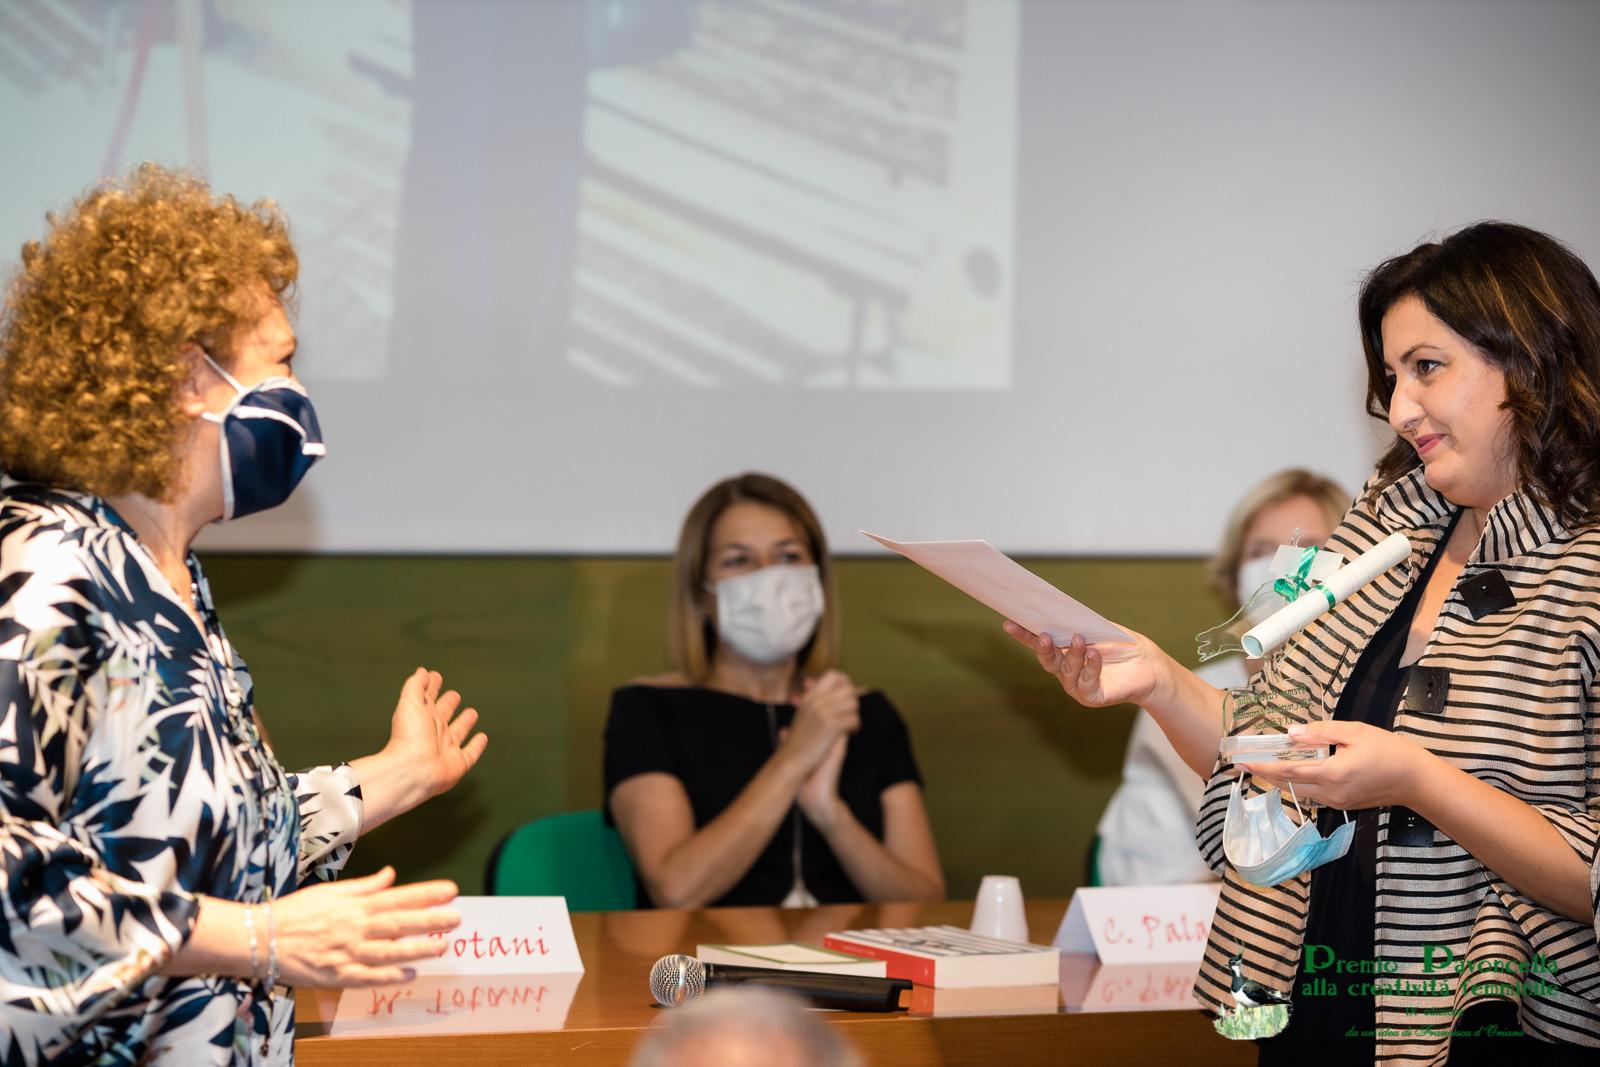 Margherita Giocoli consegna ad Emanuela Dell'Aquila la borsa di studio per la ricerca scientifica assegnata nel ricorso del padre, il professor Gerardo Giocoli